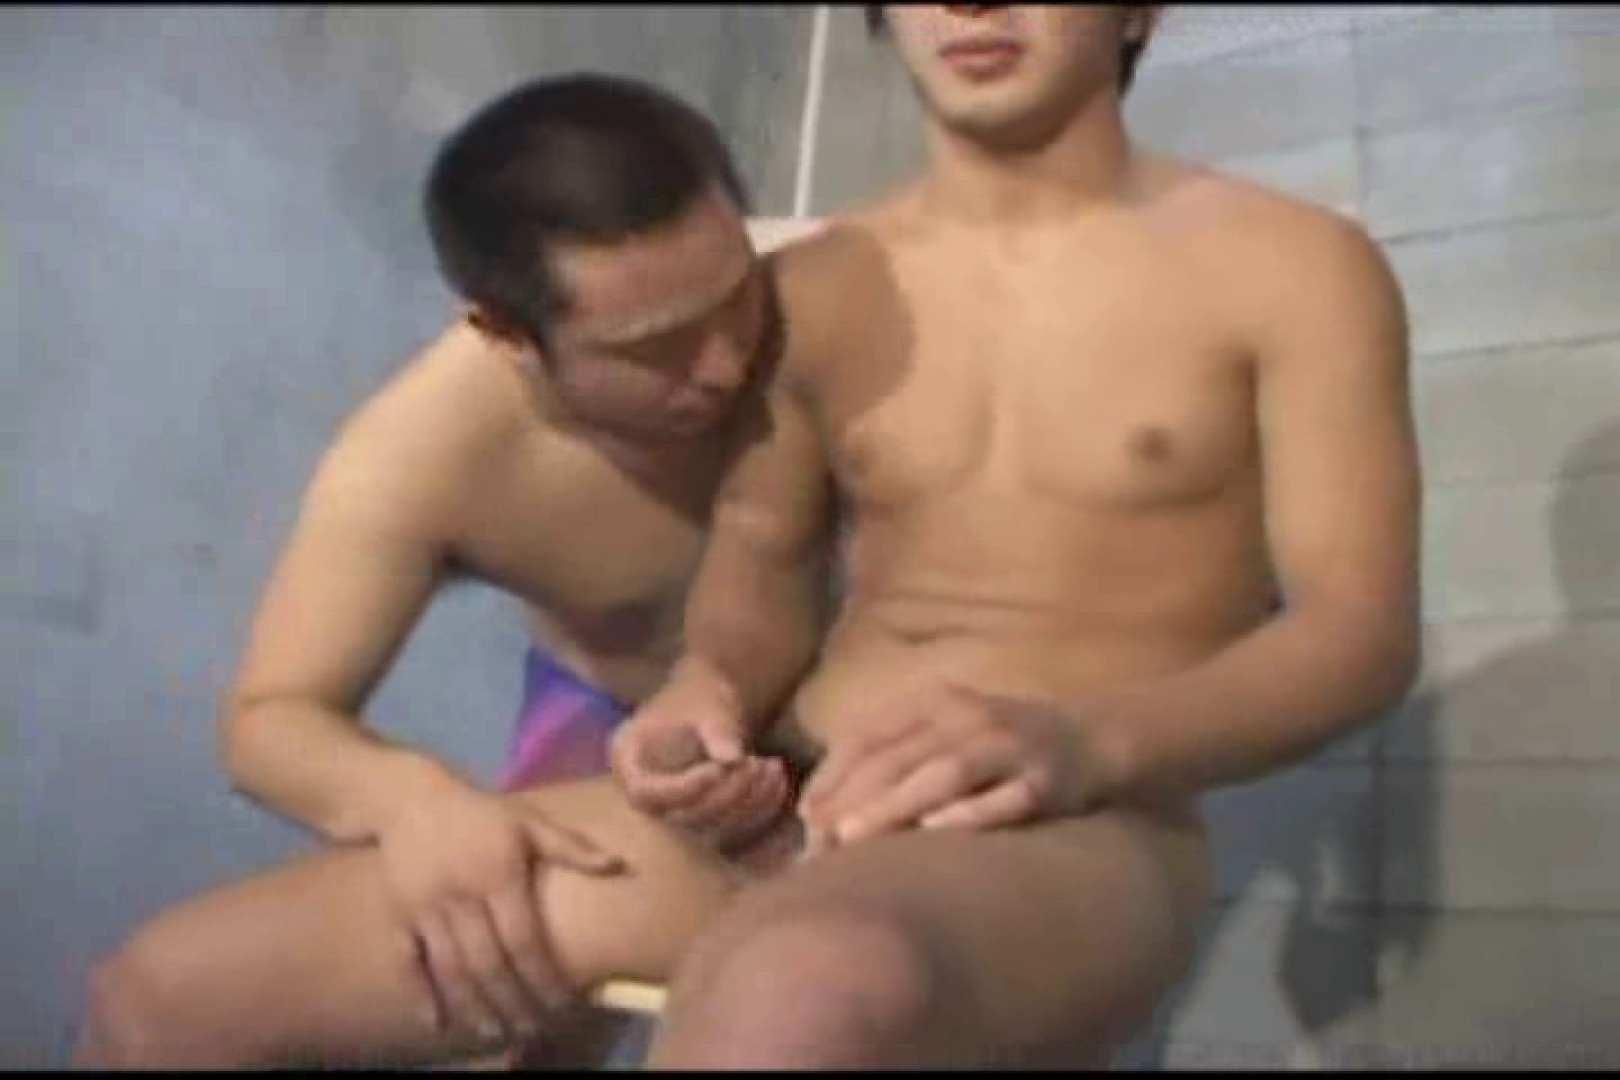 機械室で体育会系男子を手コキ&フェラ!! ガチムチ 亀頭もろ画像 96pic 48